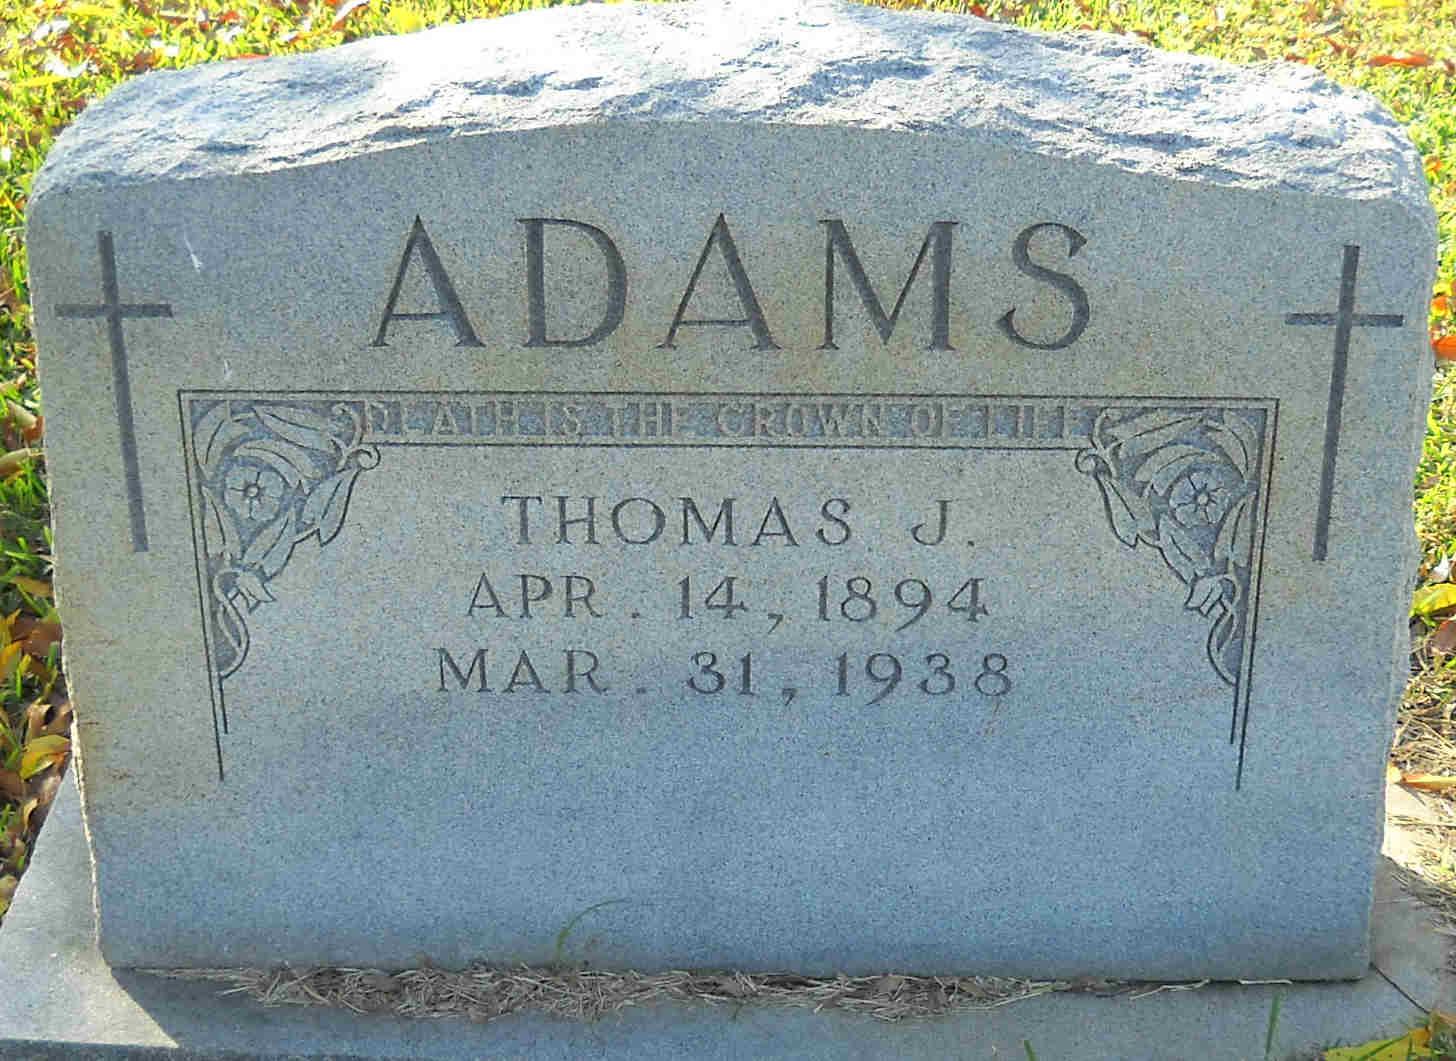 Thomas Joseph Adams